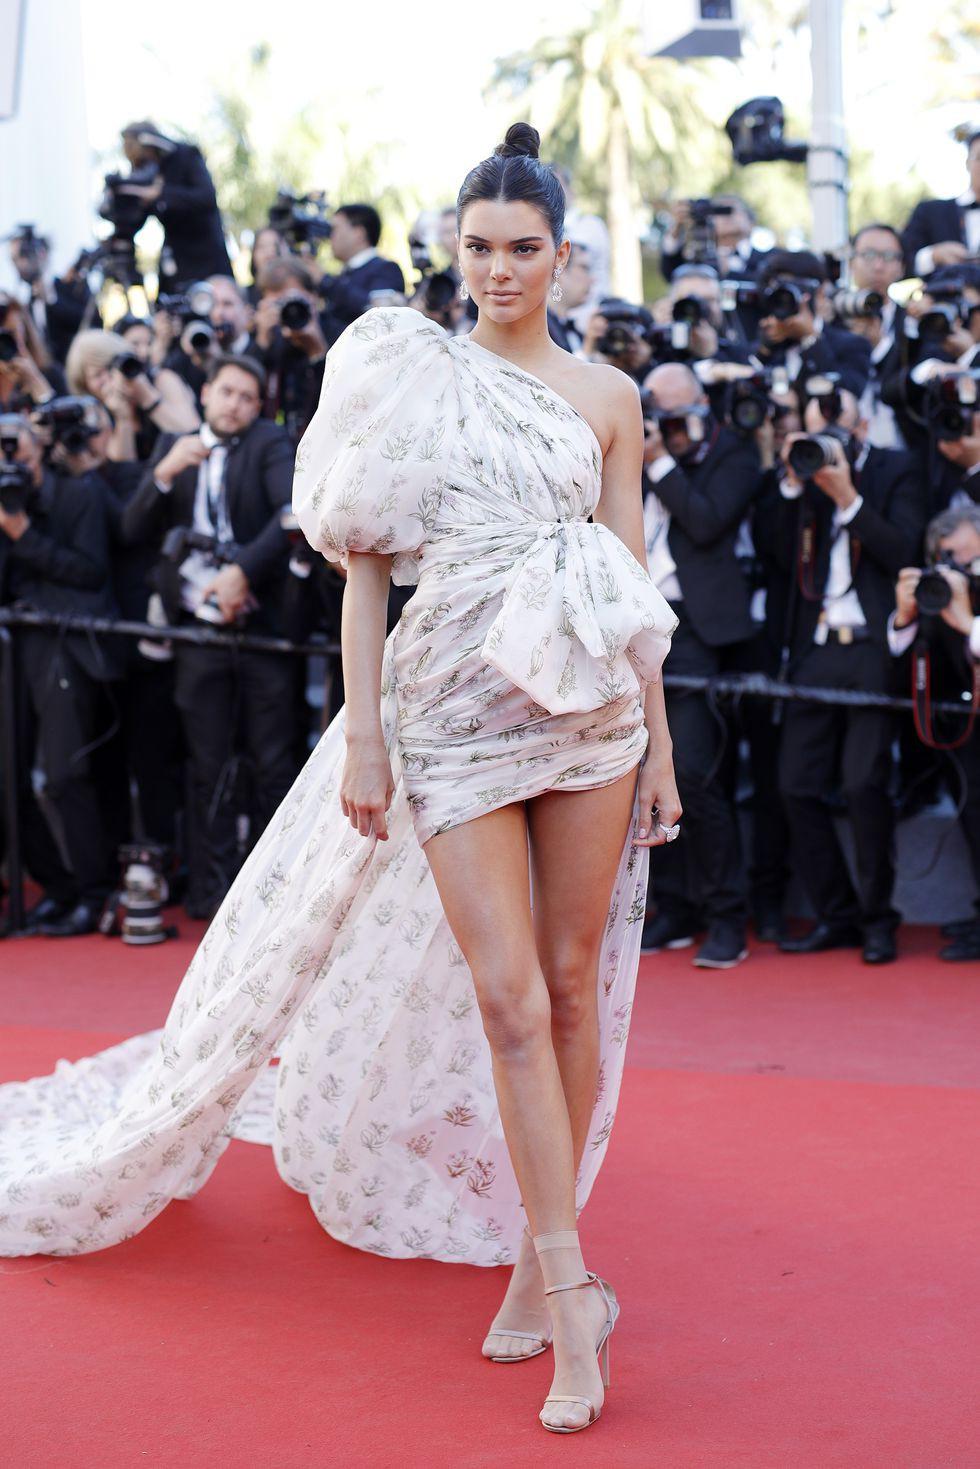 30 màn thả dáng có thần thái đi vào huyền thoại Cannes: Không cần trò vạch, phơi lồng lộn vẫn chiếm trọn spotlight! - Ảnh 26.